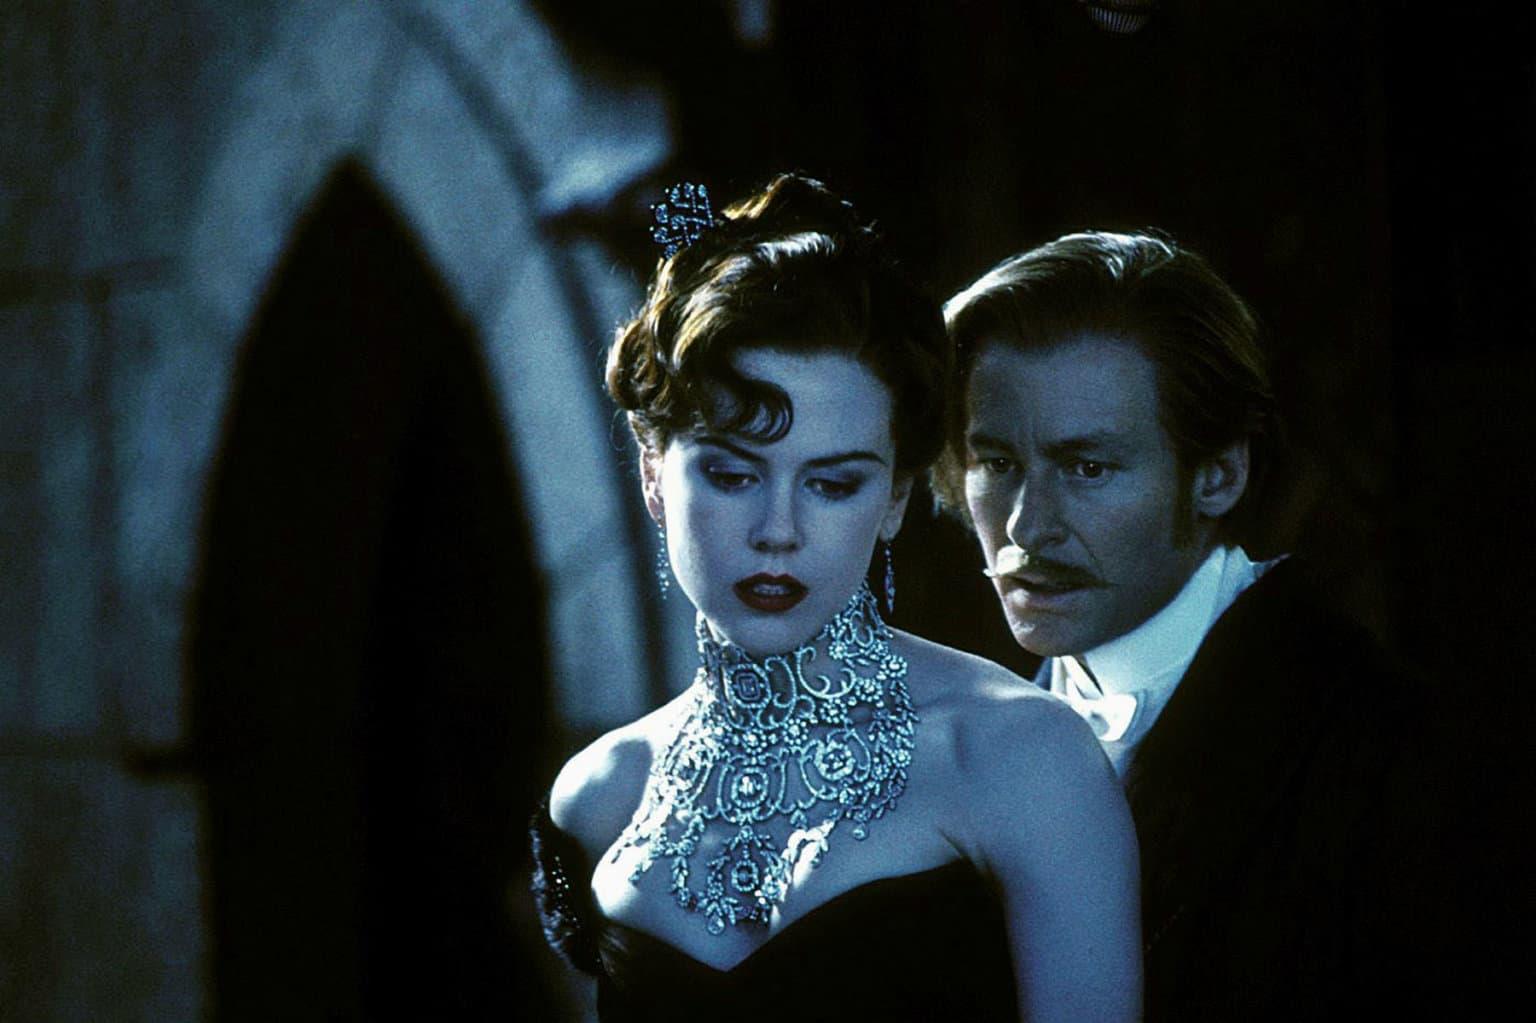 妮可·基德曼佩戴着由史蒂芬诺·坎特瑞打造的天然钻石项链